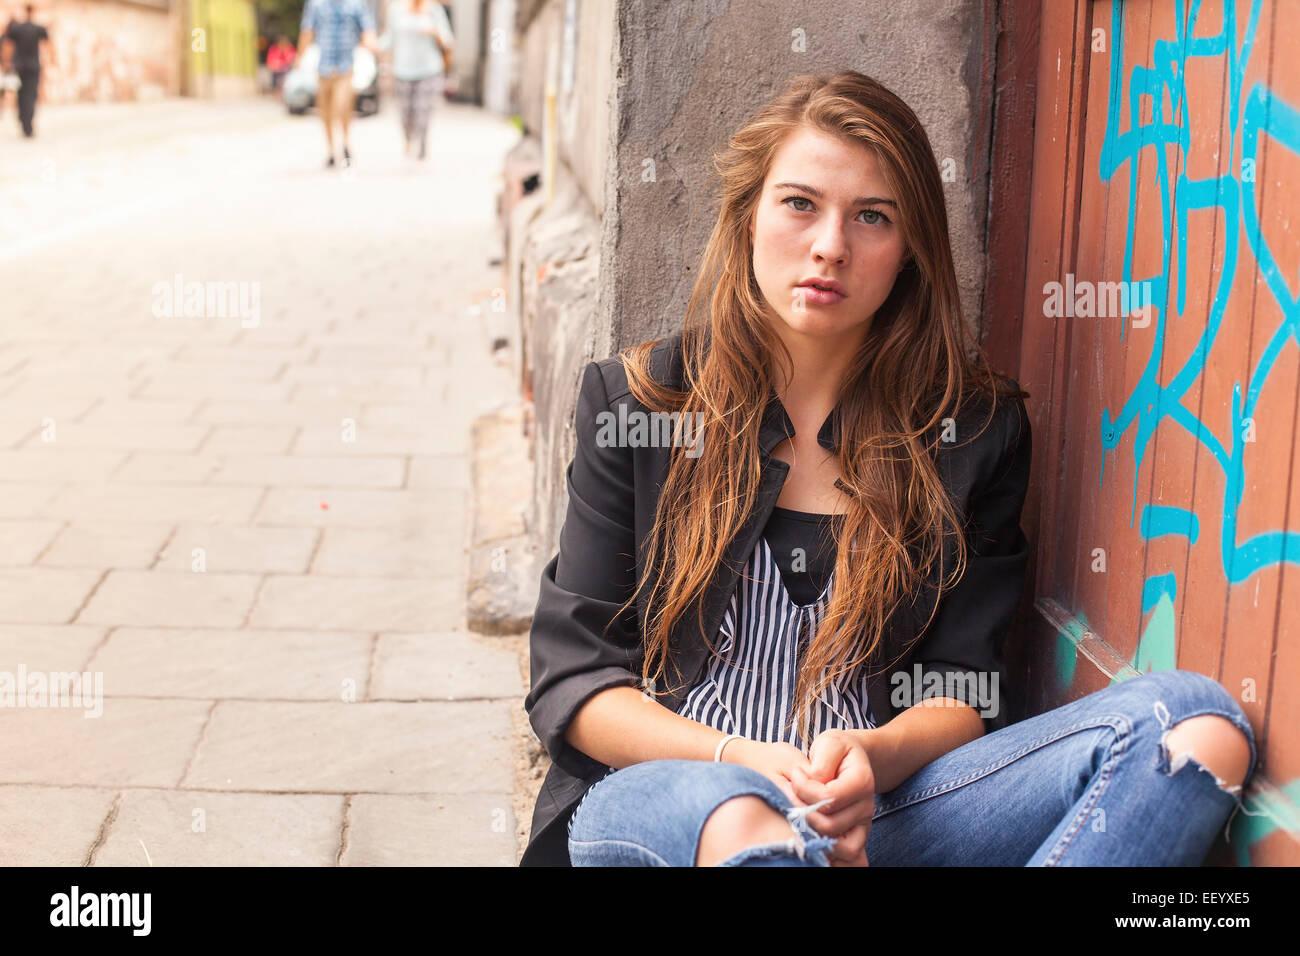 Junge Hipster Mädchen sitzen auf der Straße. Stockfoto